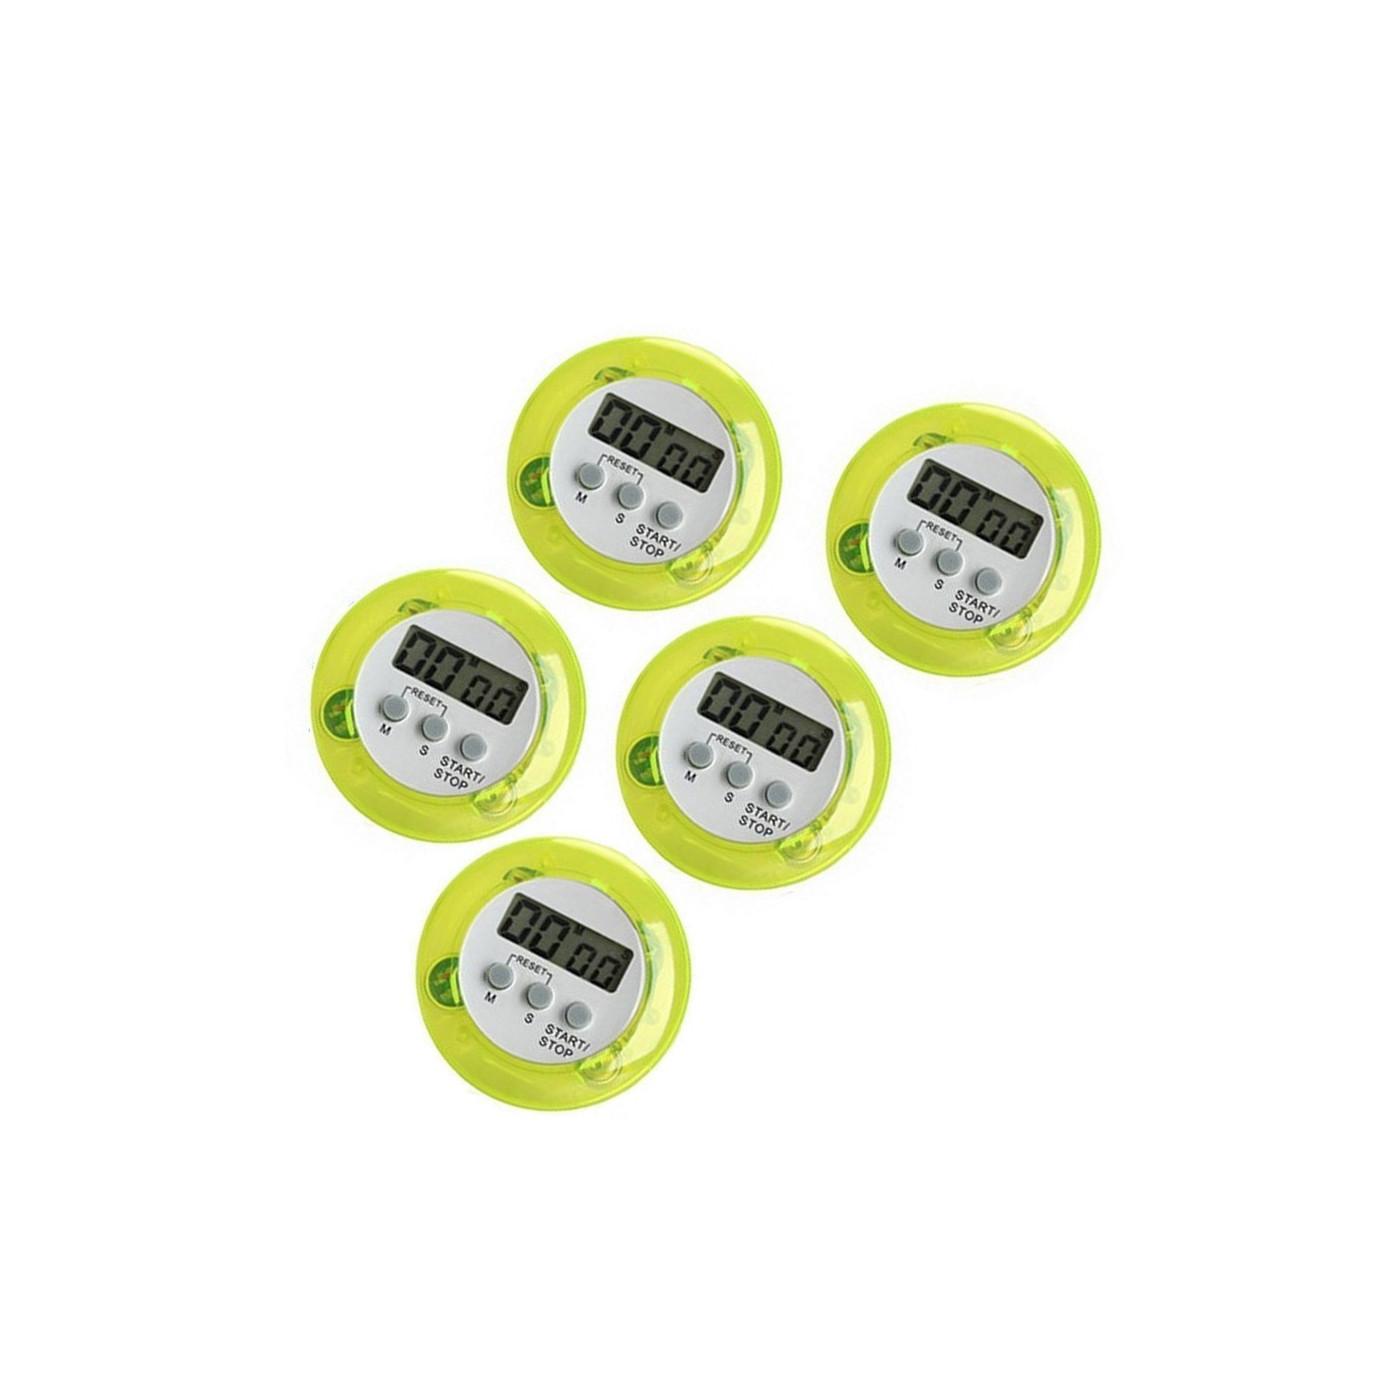 Conjunto de 5 temporizadores digitais de cozinha, despertadores, verdes  - 1